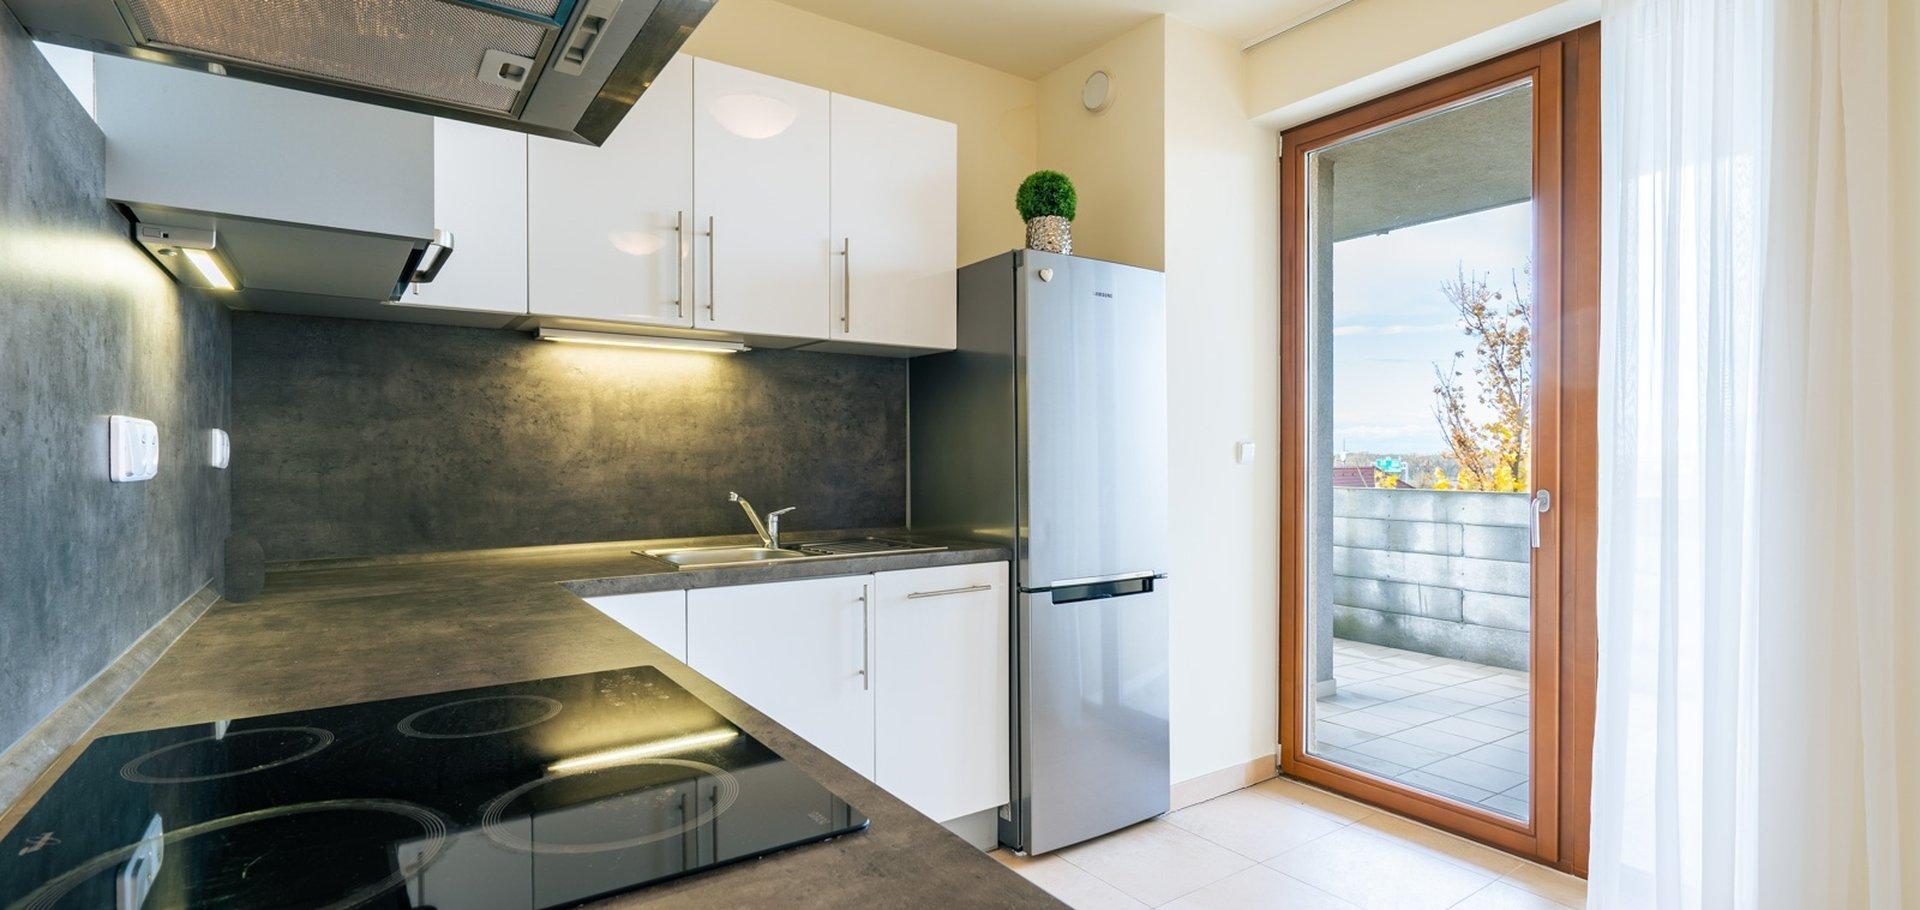 Pronájem bytu s garážovým stáním a terasou